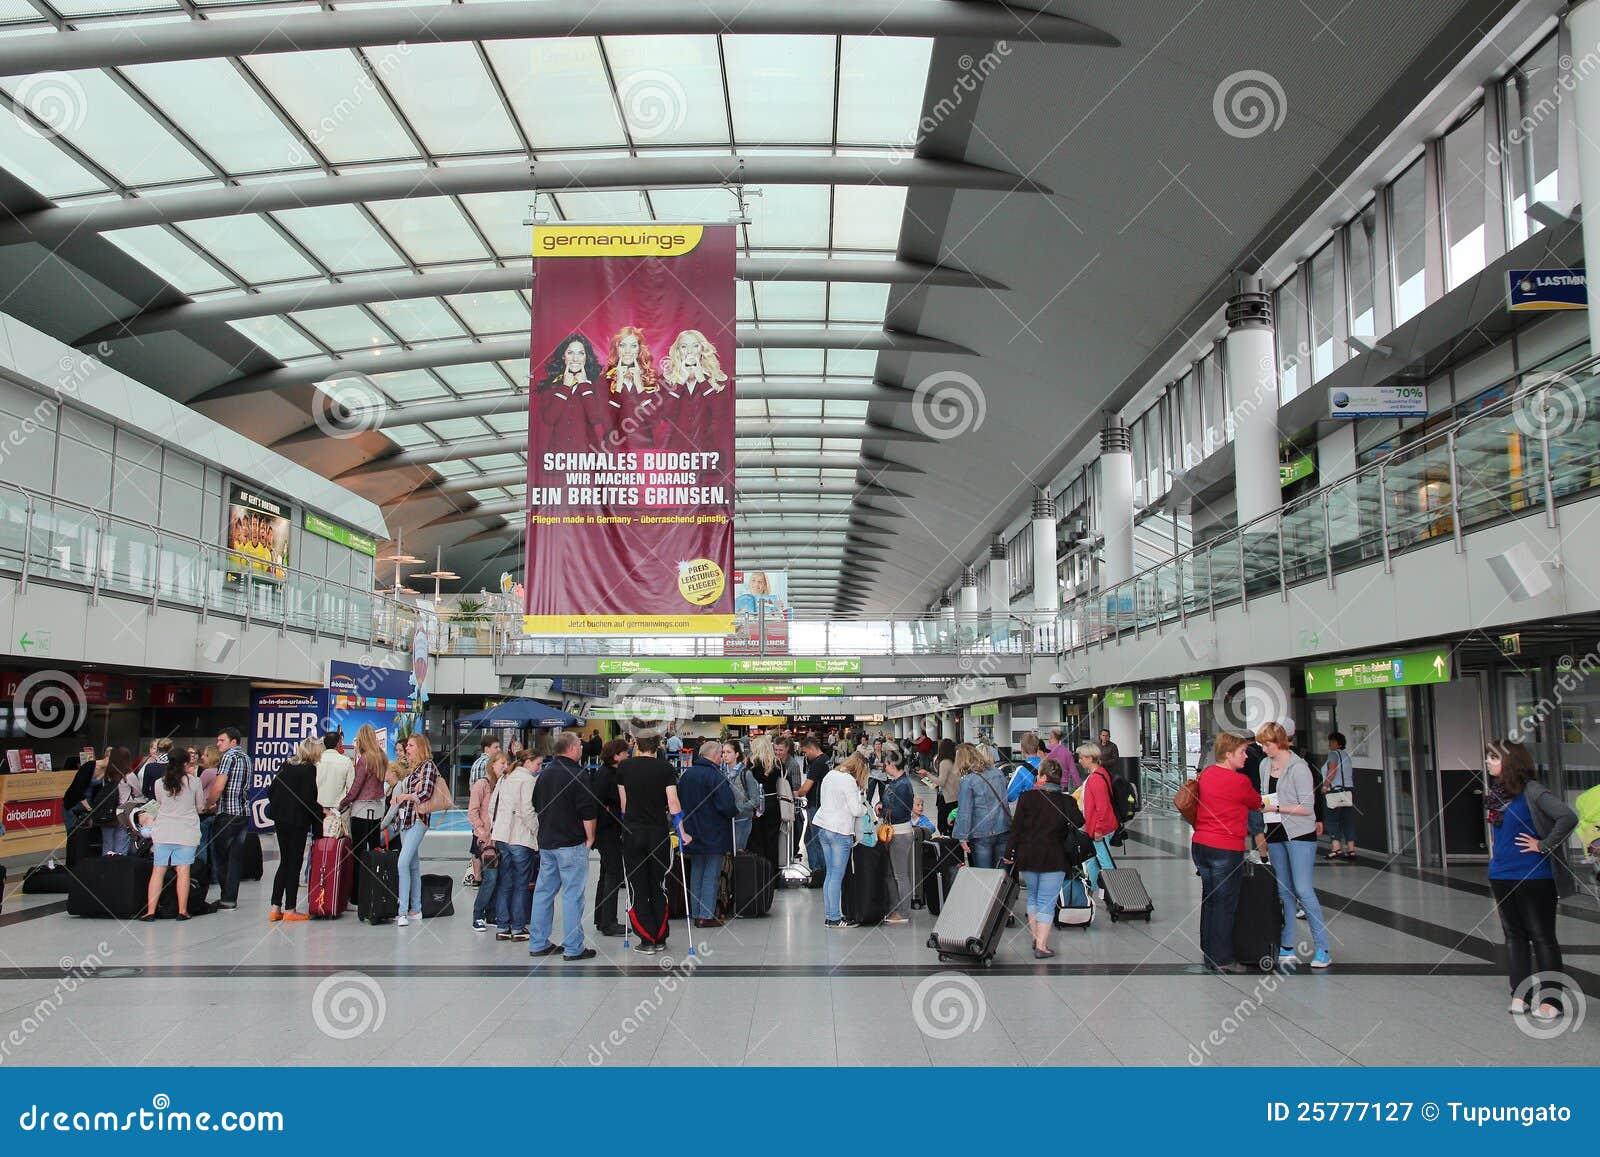 Business plan erstellen lassen dortmund airport